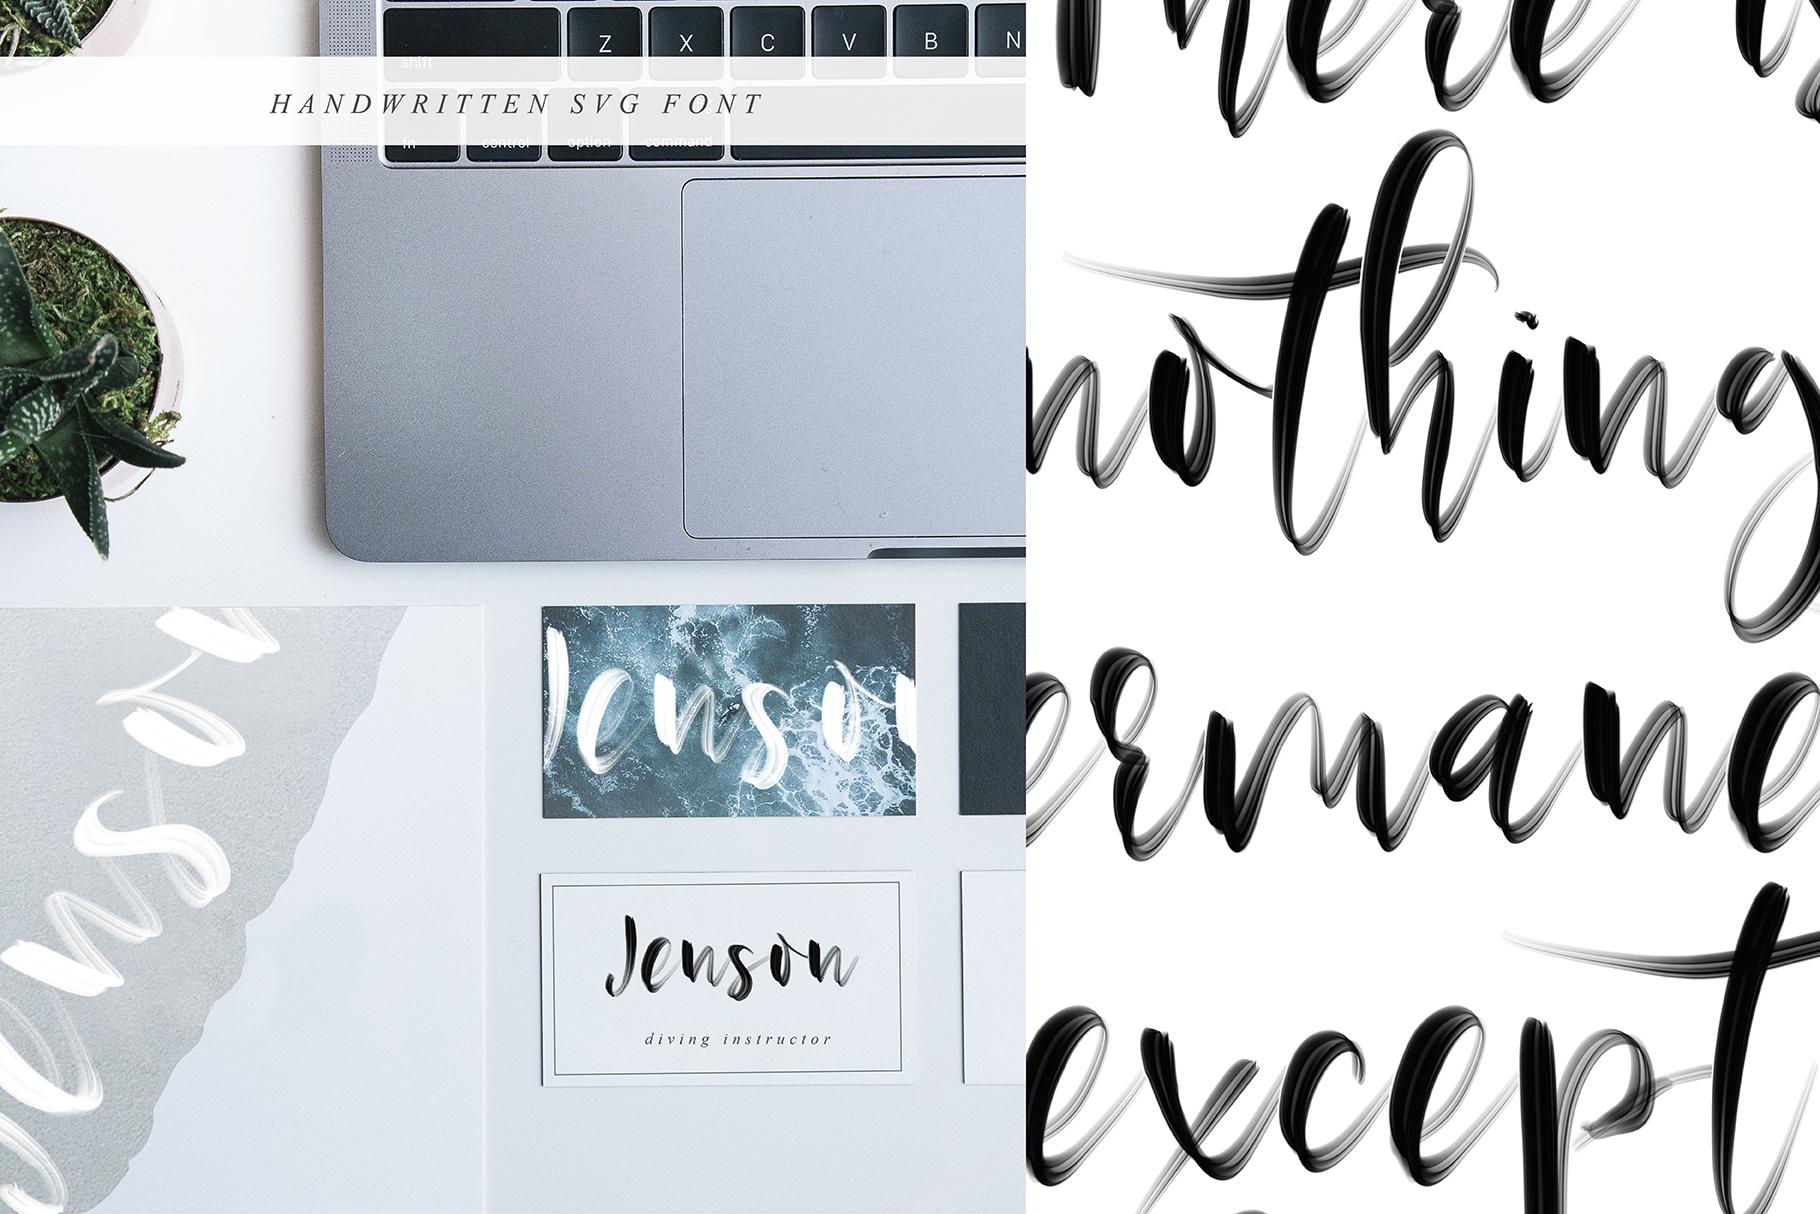 Ostinel SVG Font example image 7